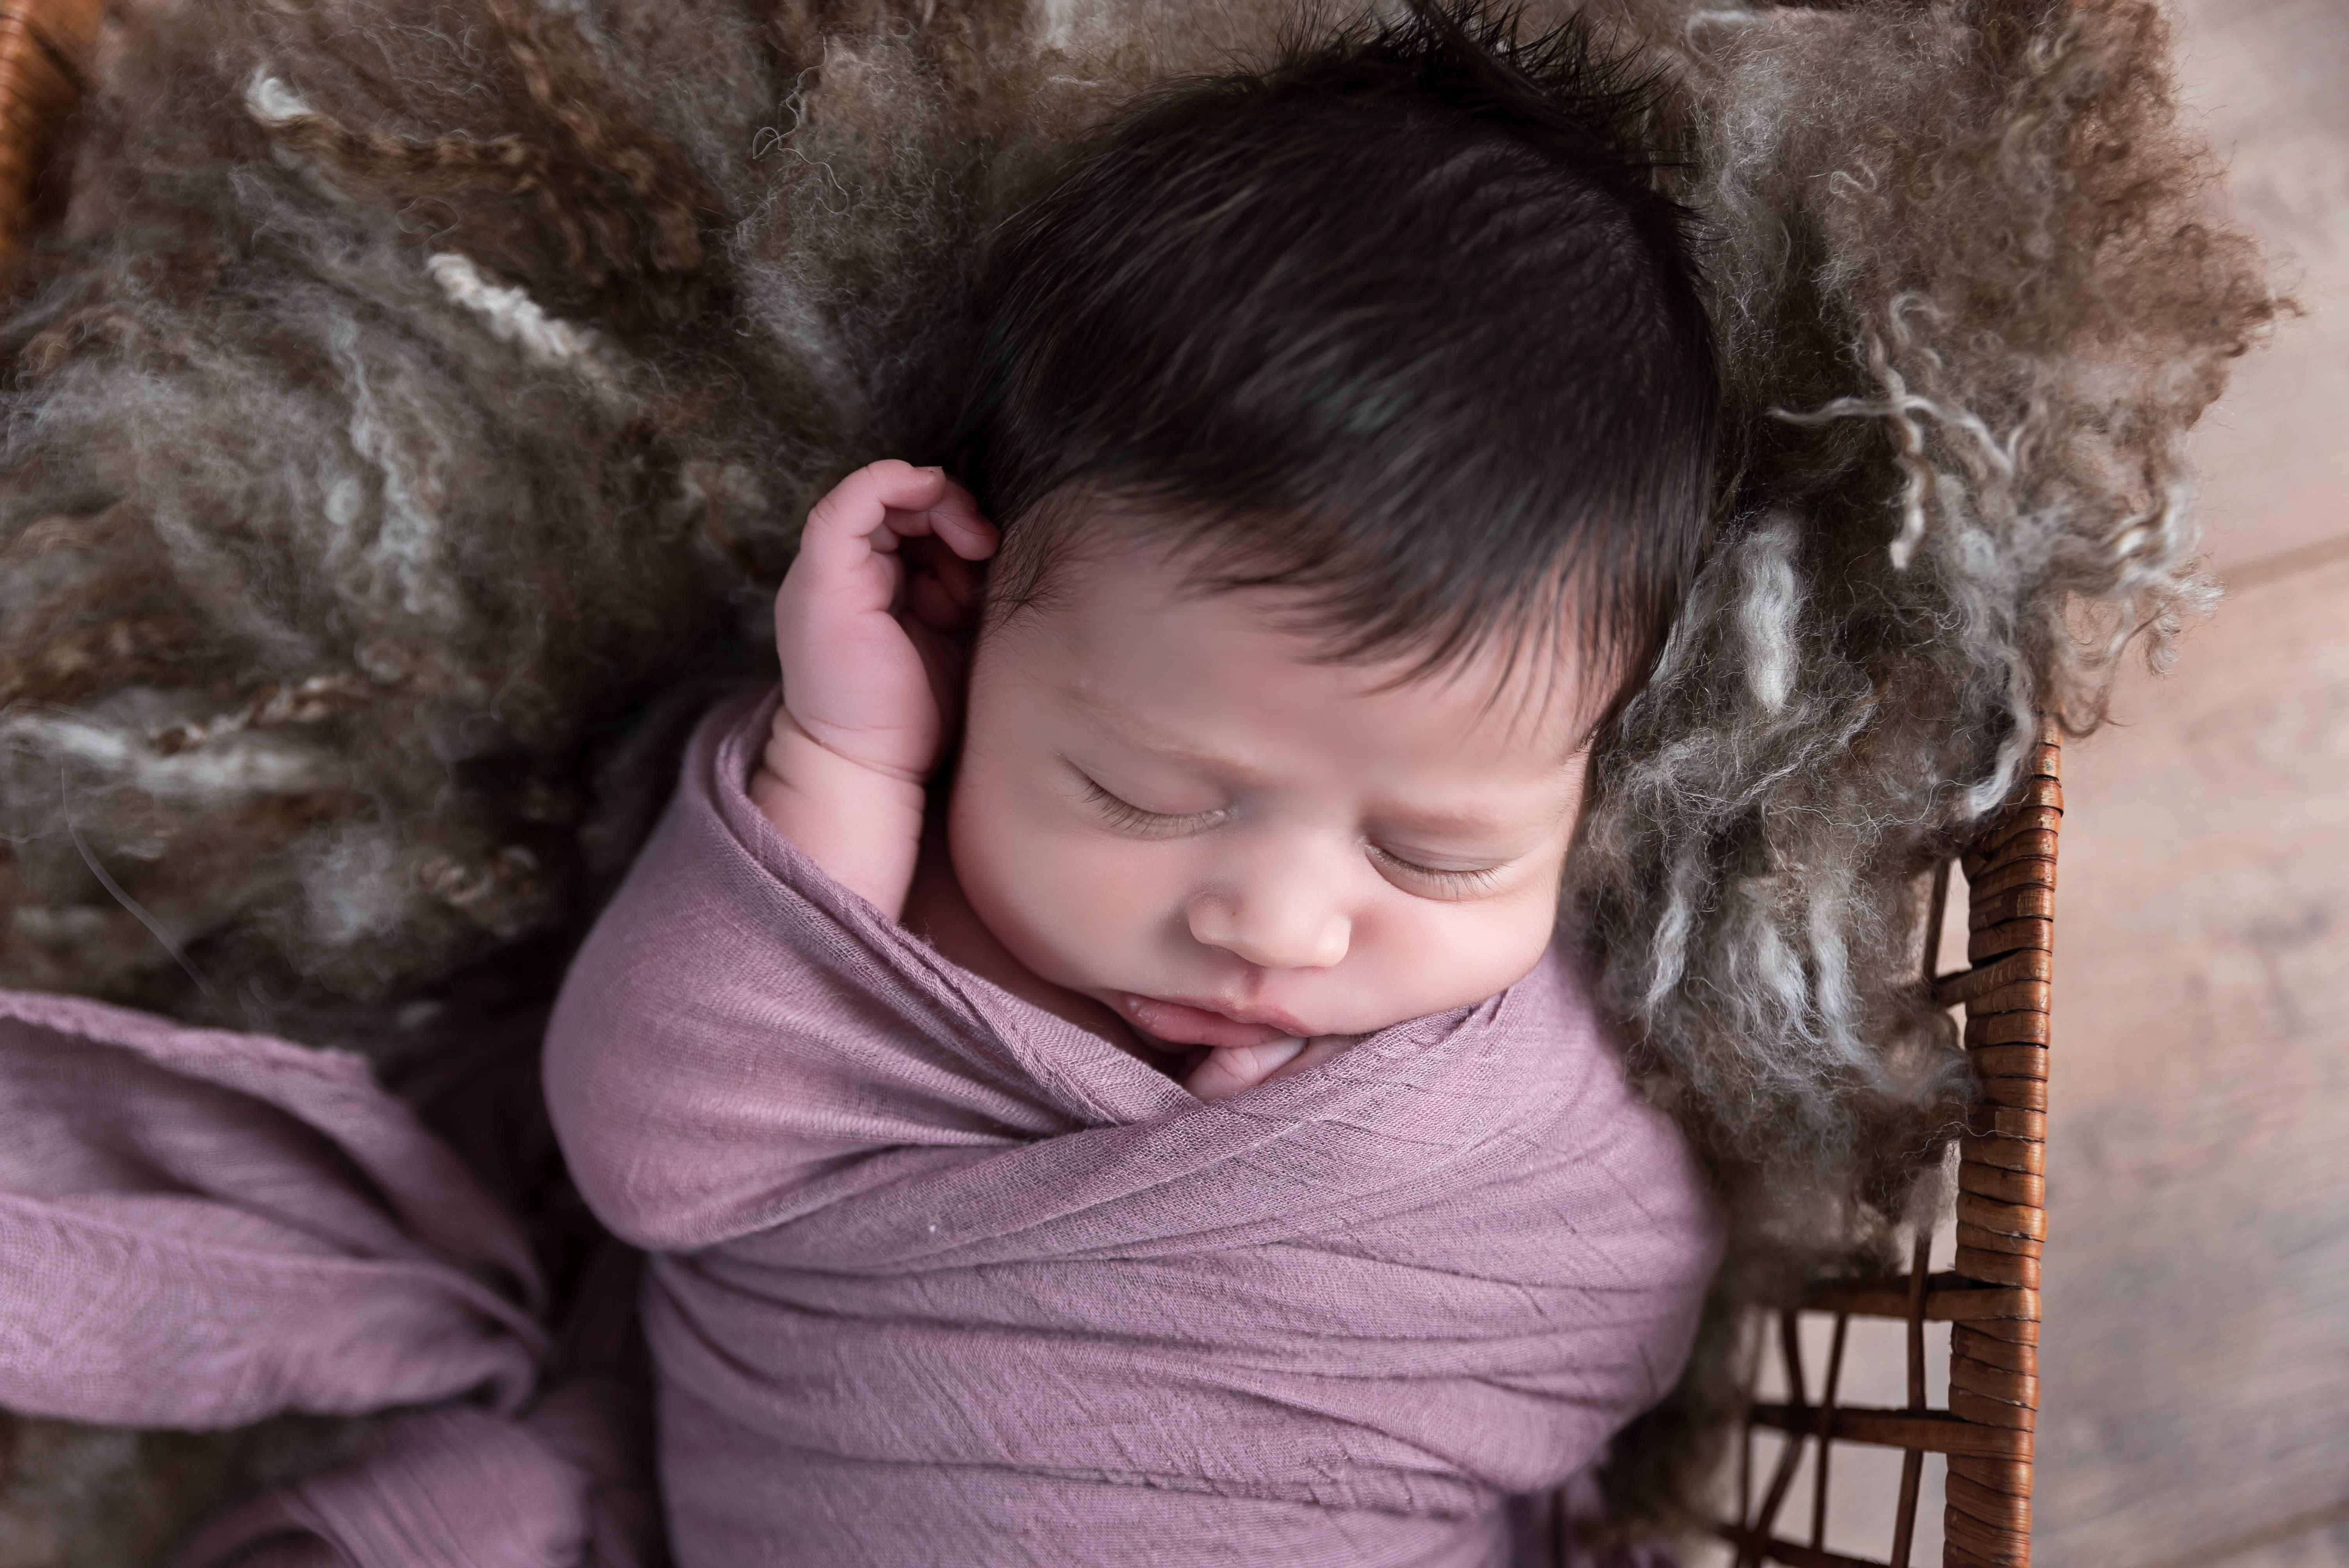 Photographe oise seine et marne aisne grossesse bébé nouveau né famille (2)-min